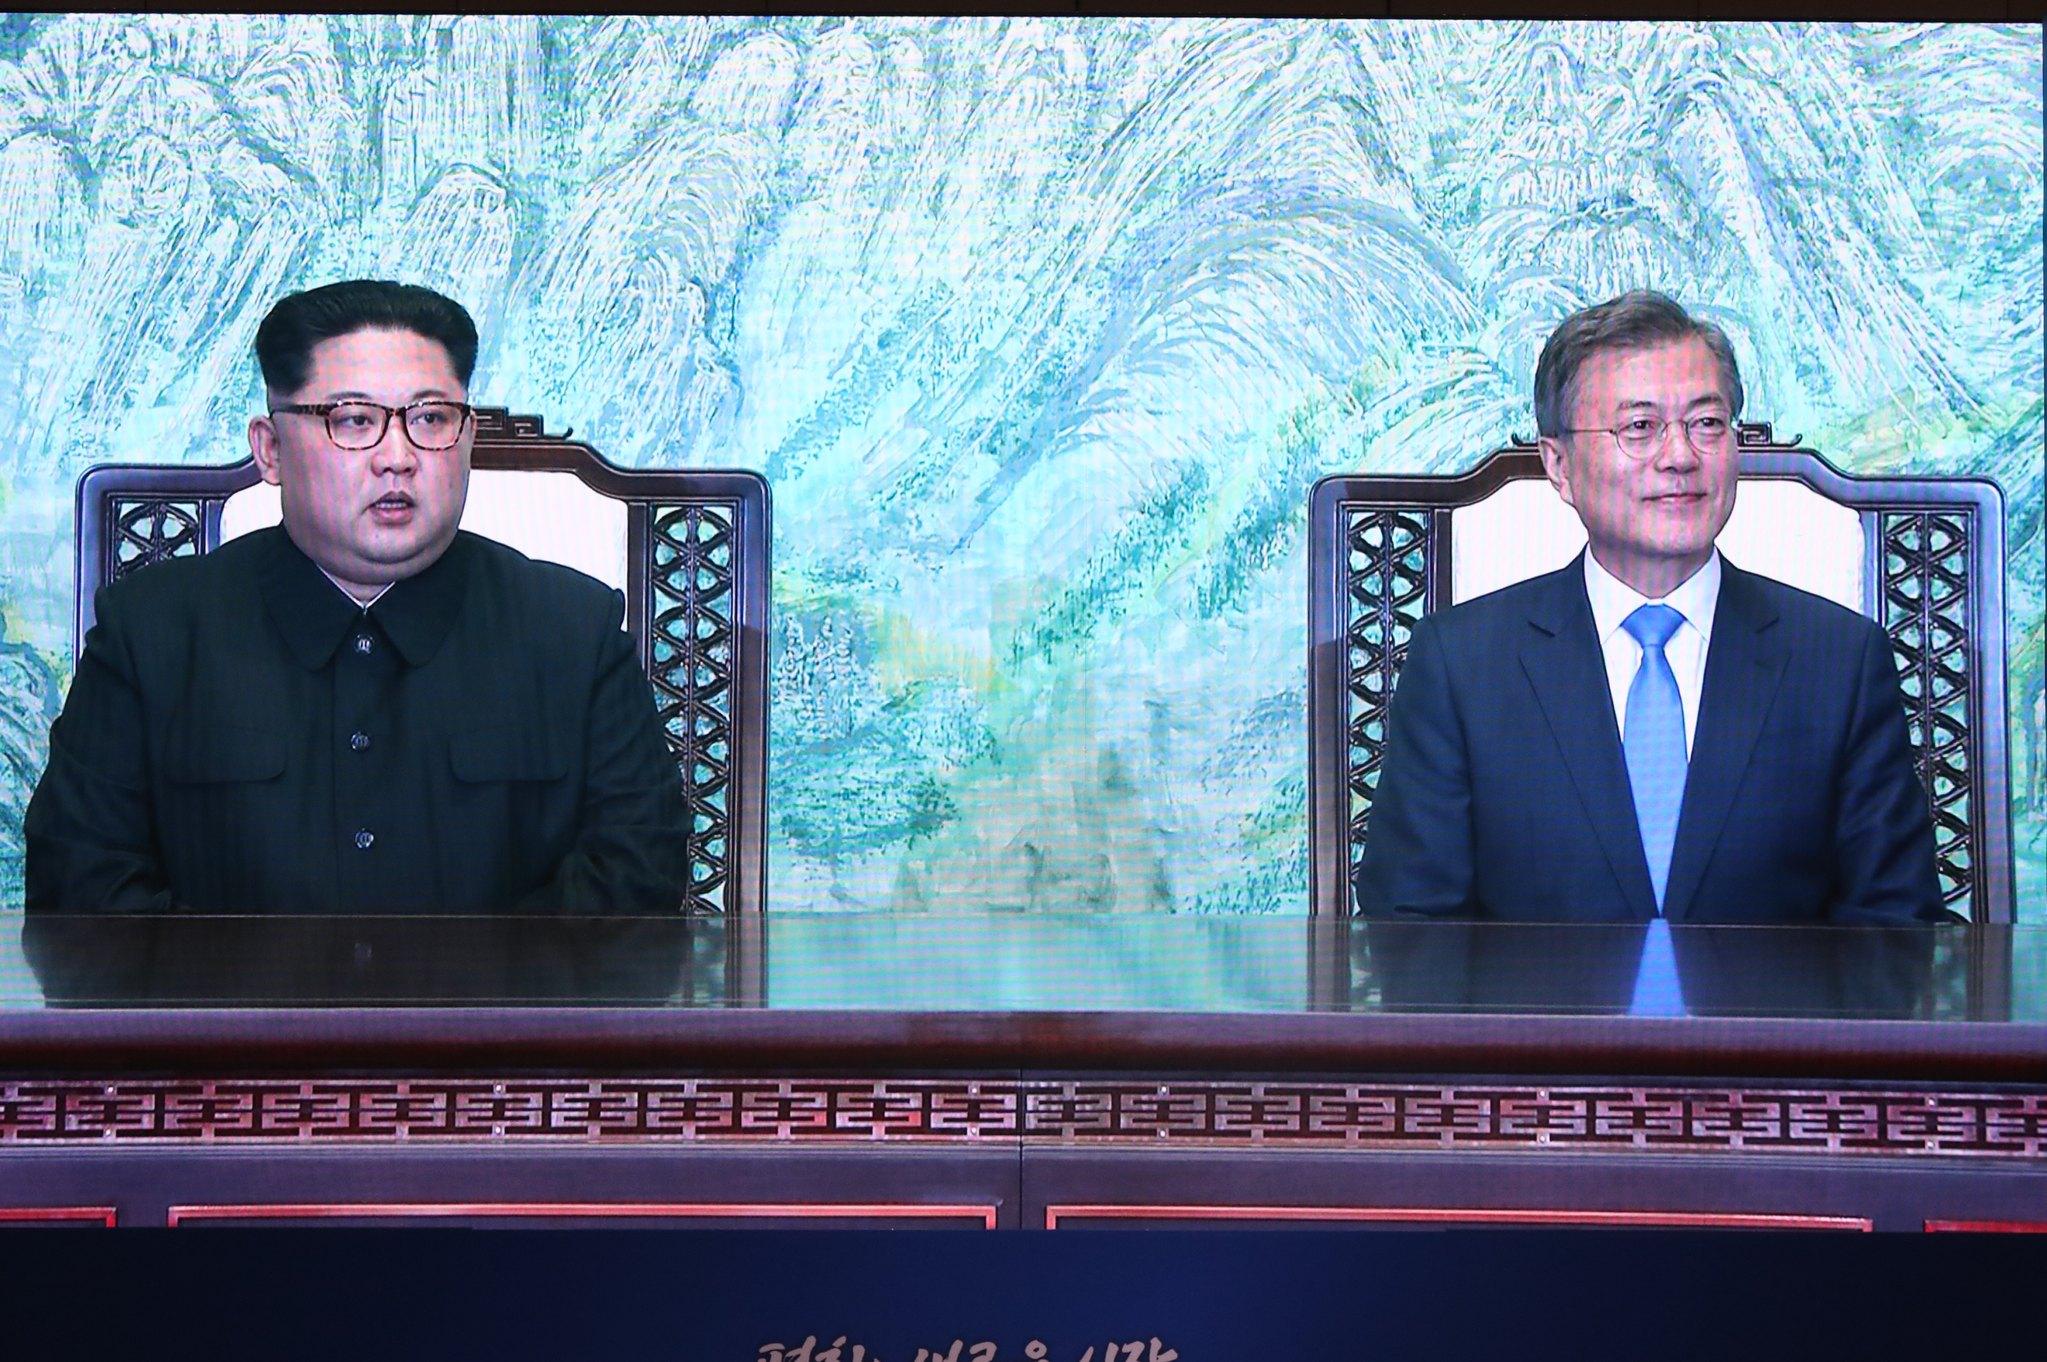 27일 오후 문재인 대통령과 김정은 북한 국무위원장이 '한반도의 평화와 번영, 통일을 위한 판문점 선언' 서명식을 하는 모습이 경기도 고양시 킨텍스에 마련된 메인프레스센터에 생중계 되고 있다. [뉴스1]